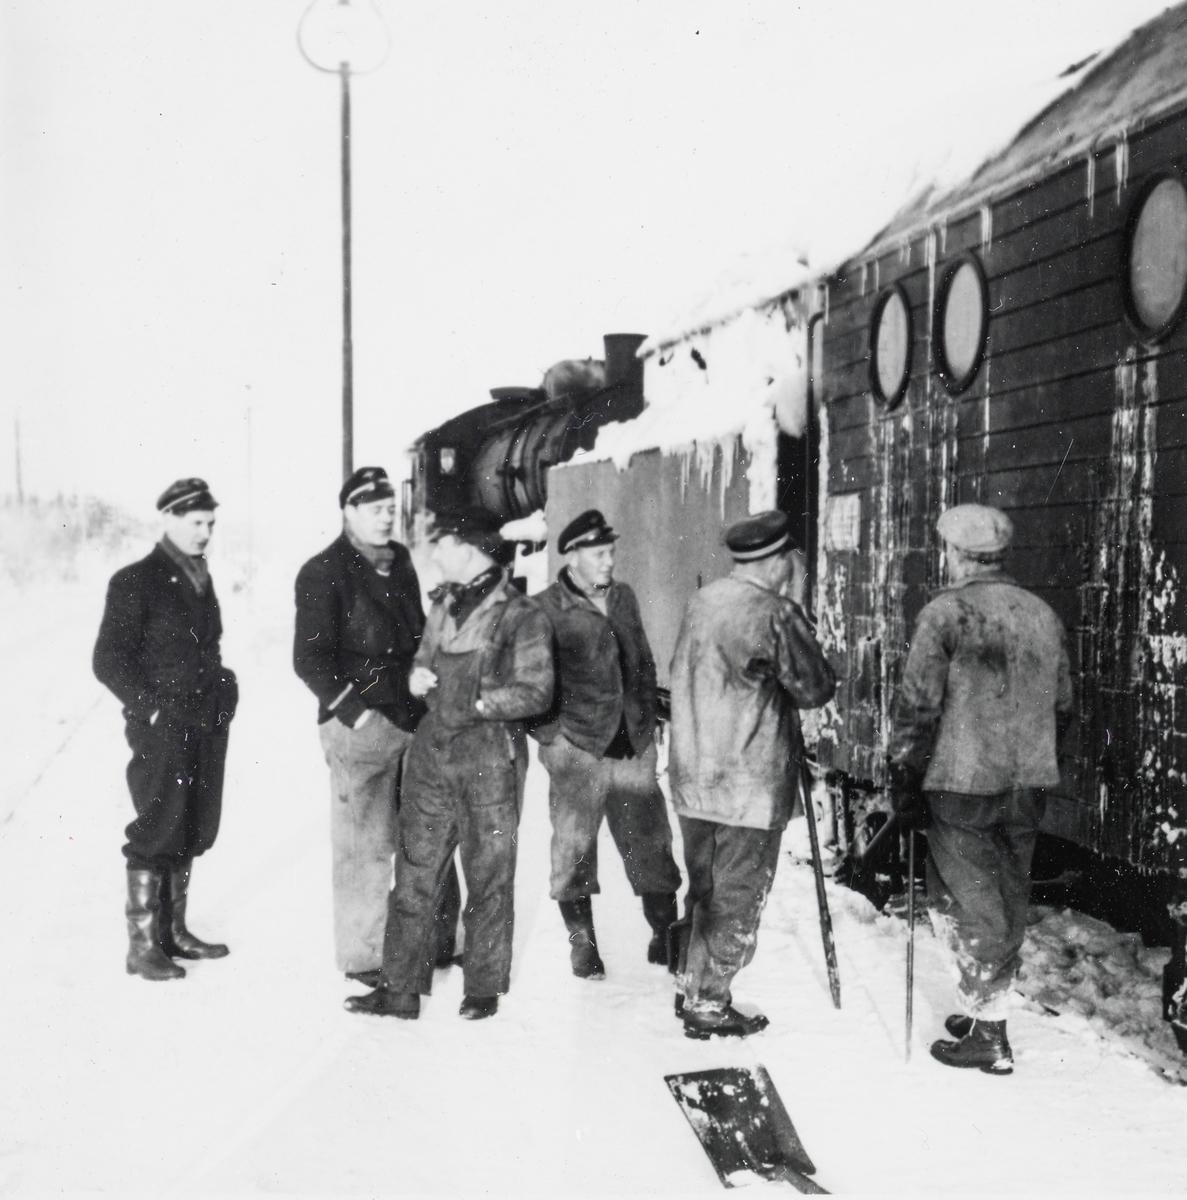 Jernbanepersonale foran snøryddingstog på Nordlandsbanen. Nærmest roterende snøplog type III, bak damplokomotiv type 33c nr. 396.